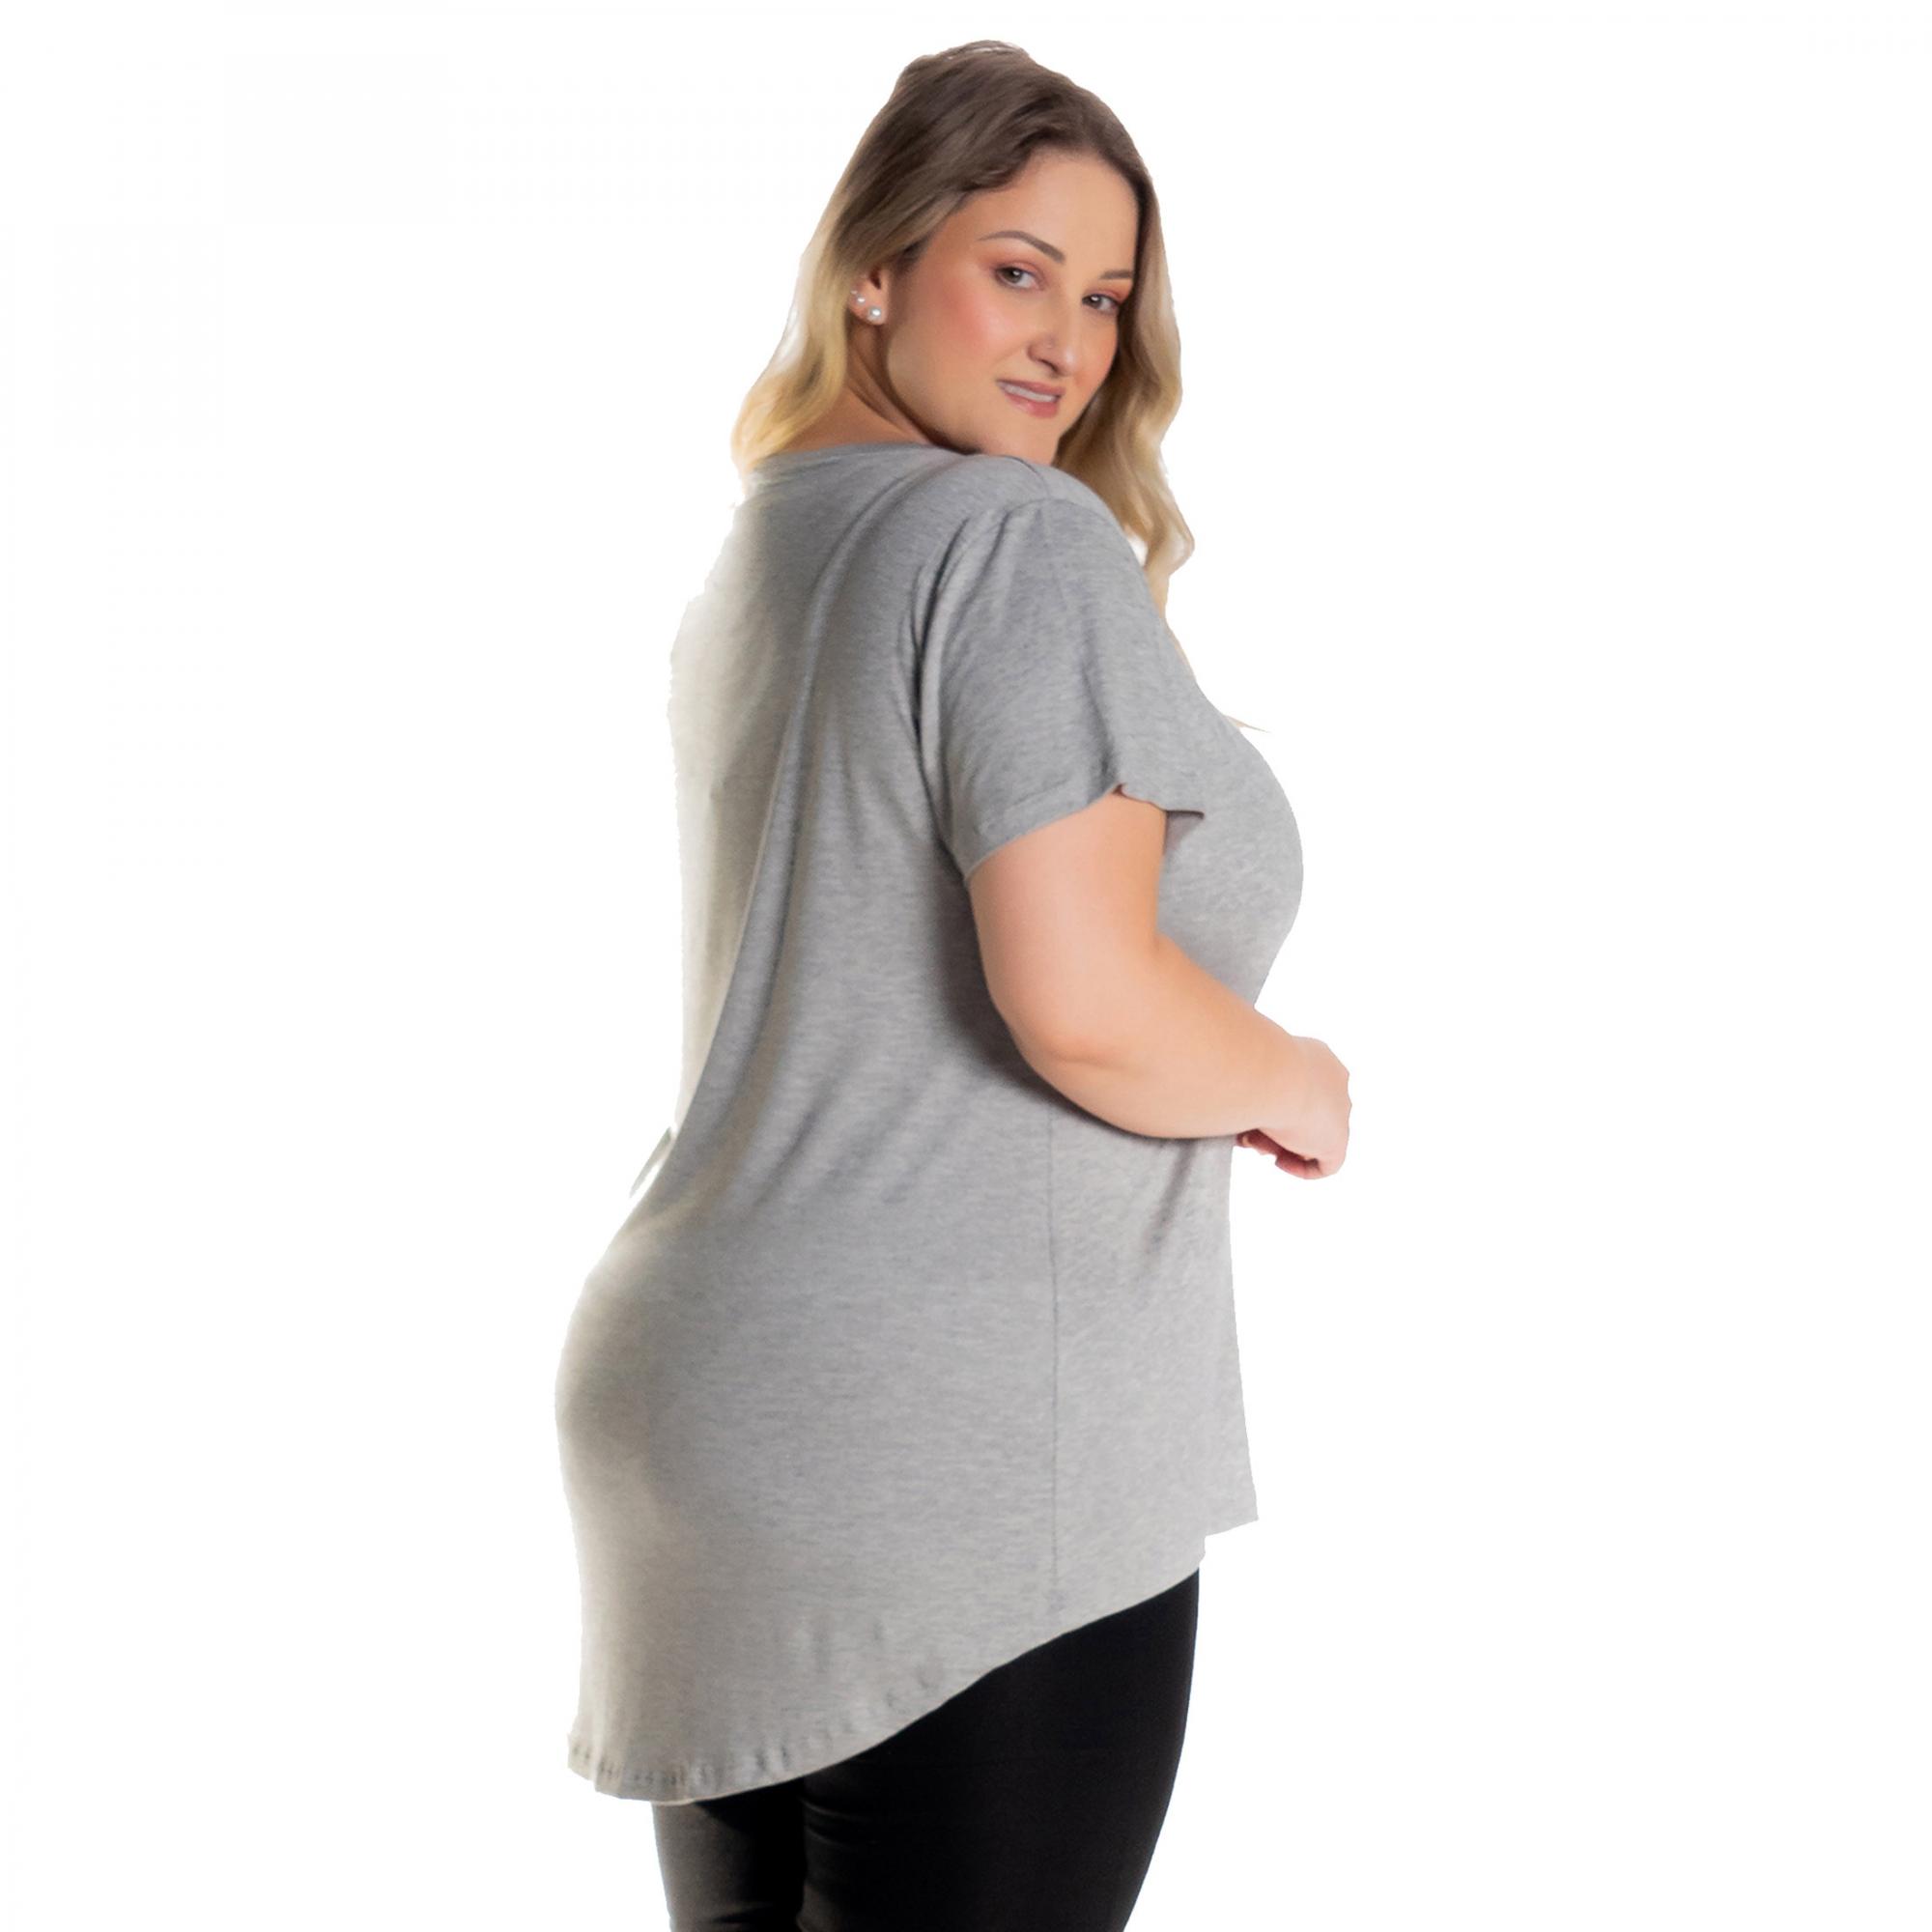 Kit 3 Blusas Femininas Plus Size Tampa Bumbum Mullet 1126